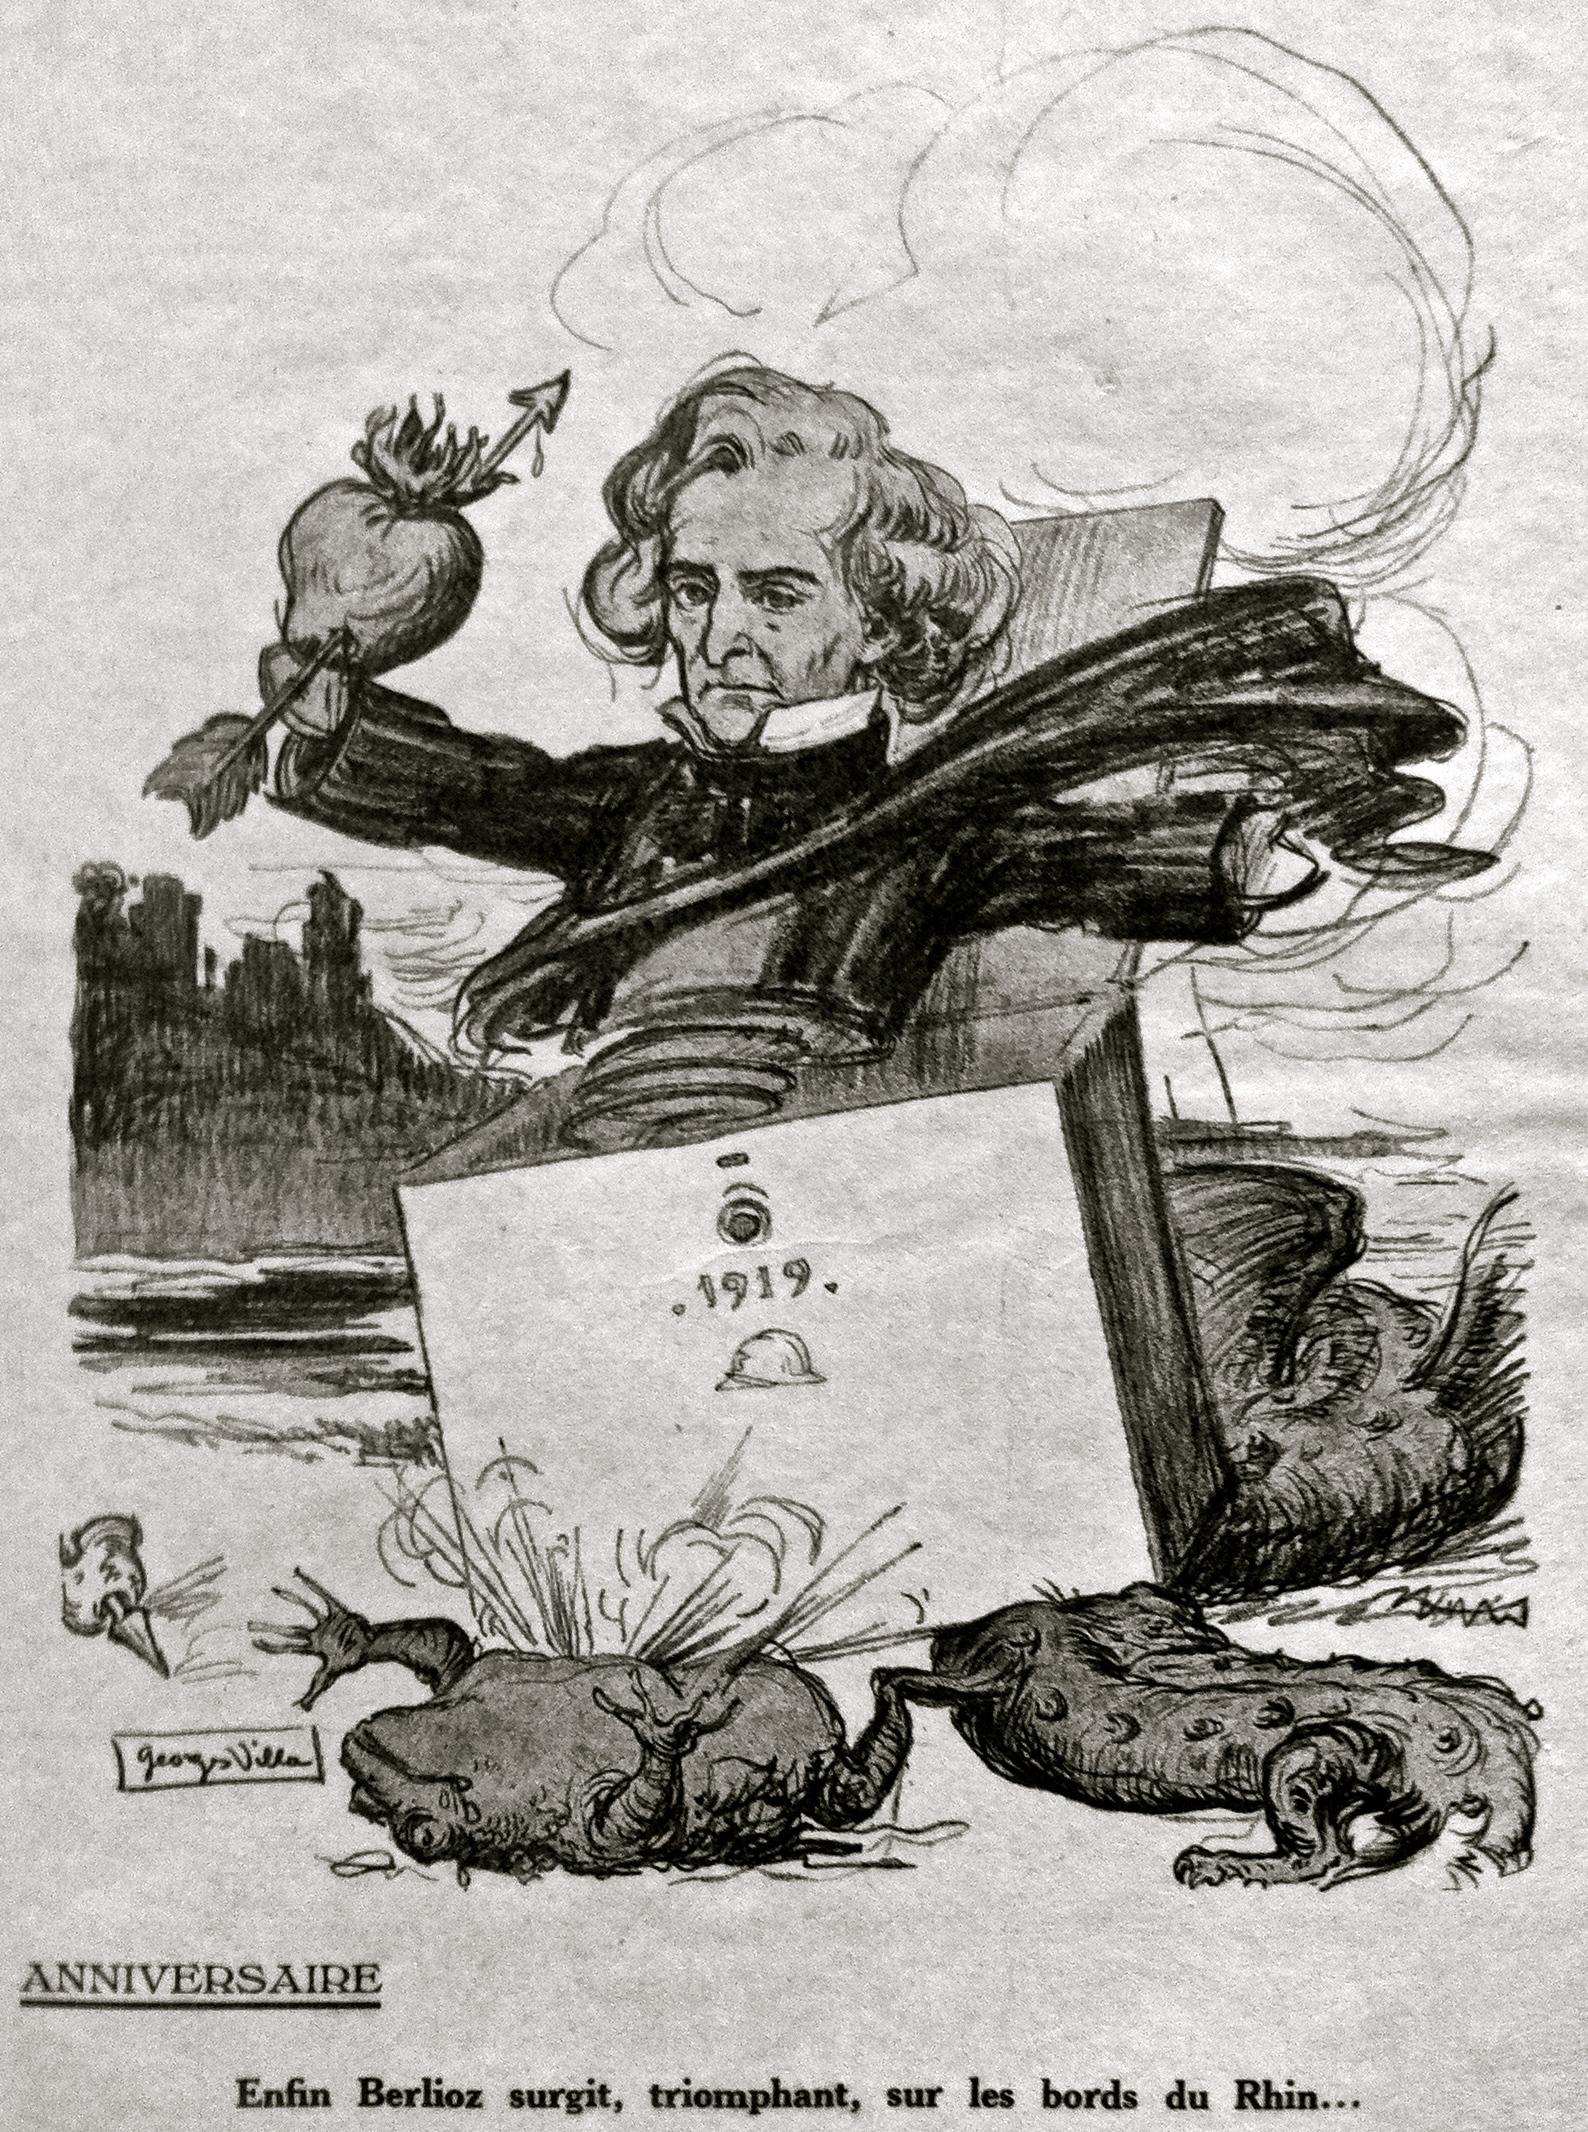 Figure3b: Georges Villa, «Anniversaire. Enfin Berlioz surgit, triomphant, sur les bords du Rhin…», Le Courrier musical, vol.21, no6 (15mars 1919), n.p.